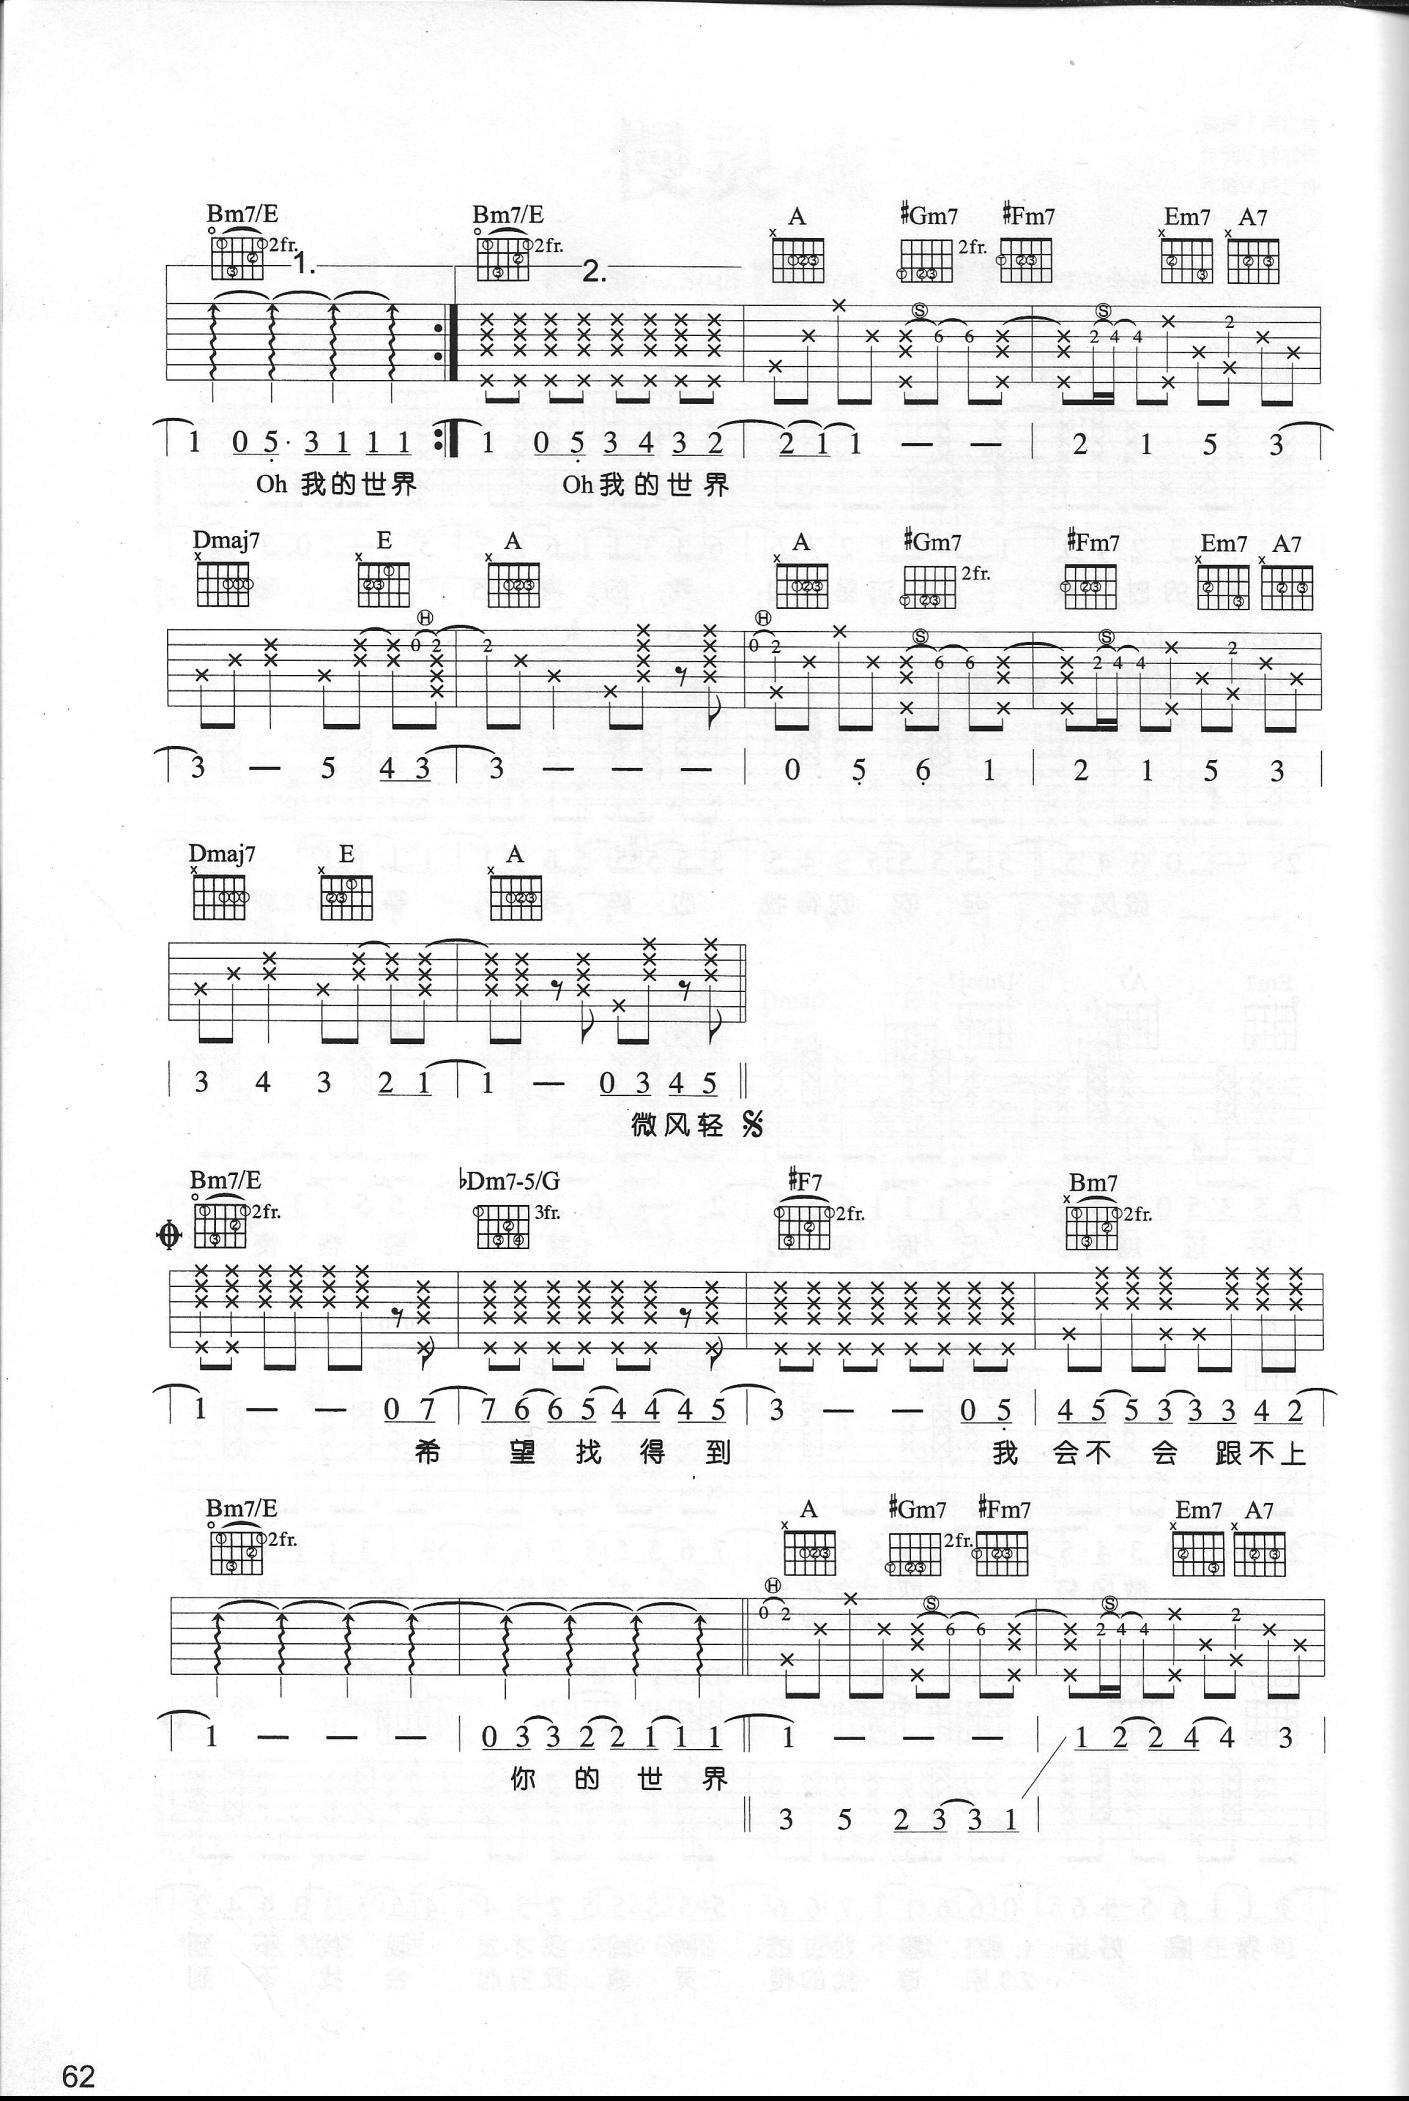 慢灵魂吉他谱